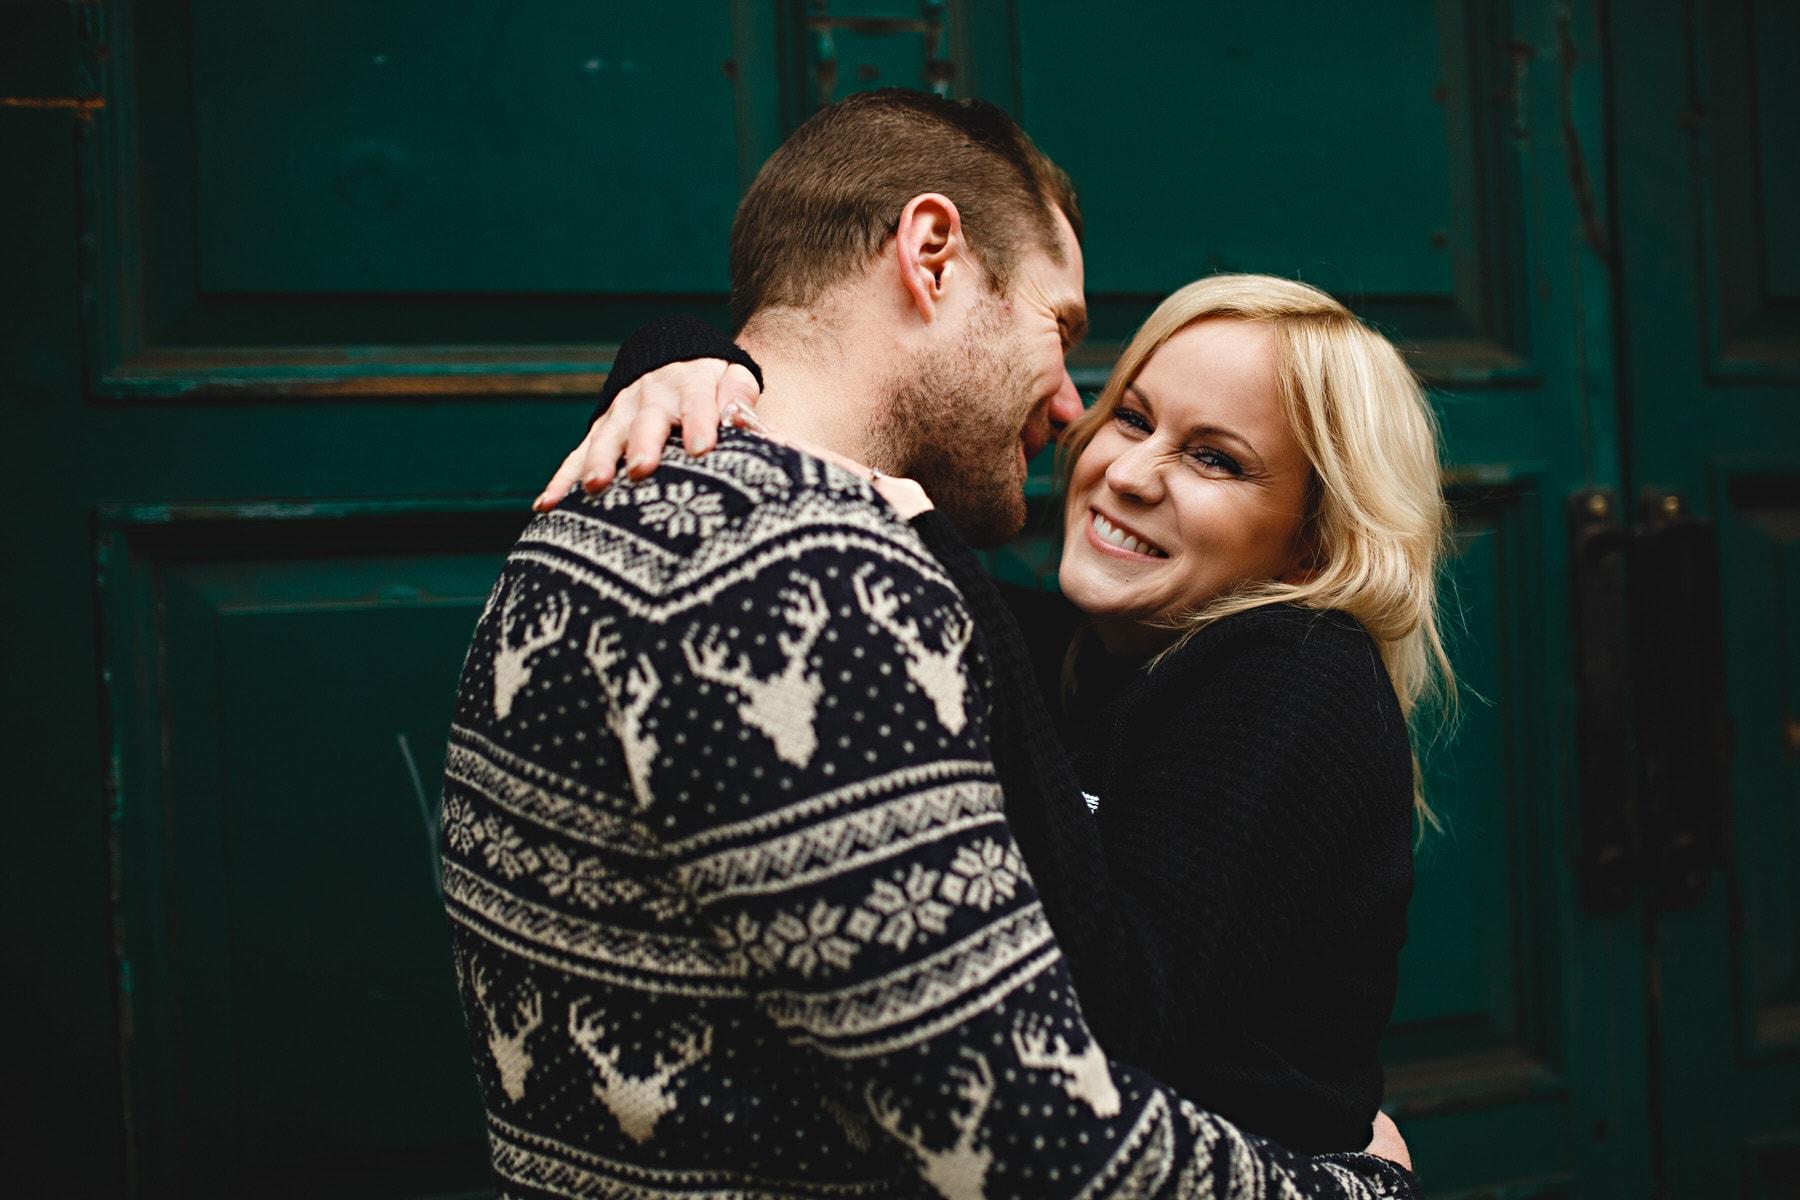 hugging together against a green door